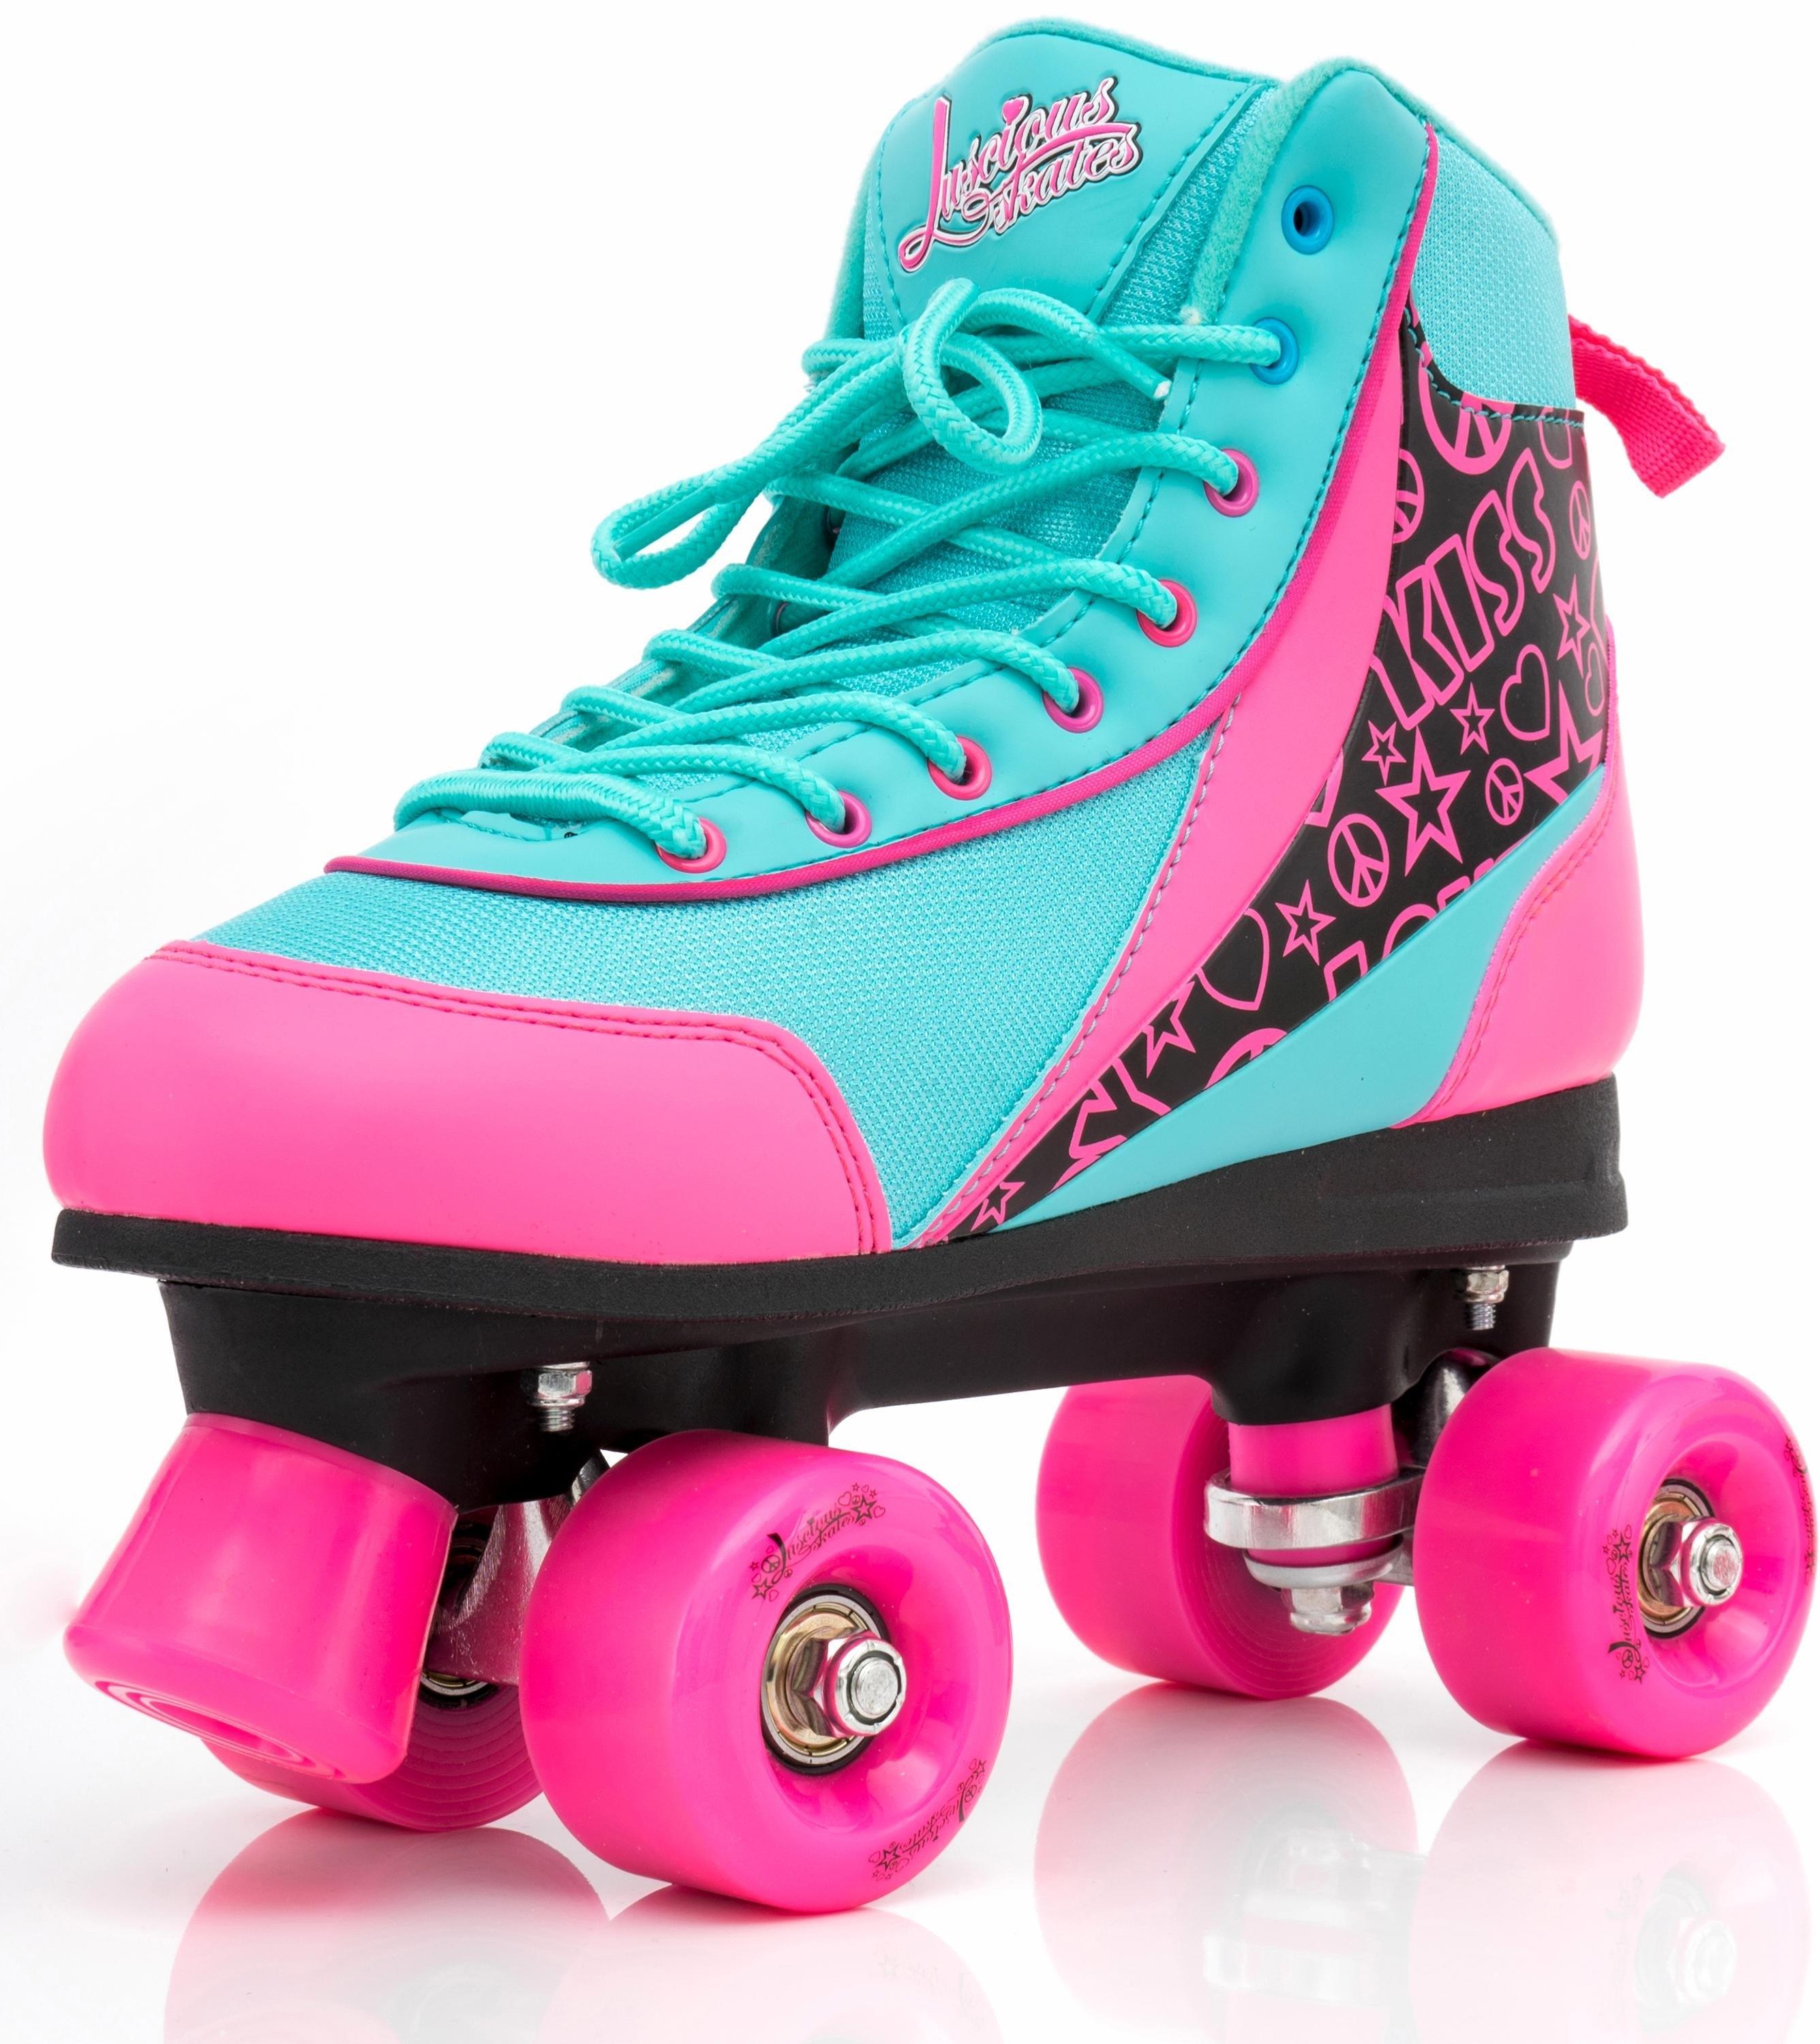 Luscious Skates skateschoenen »Summer Days« bestellen: 14 dagen bedenktijd